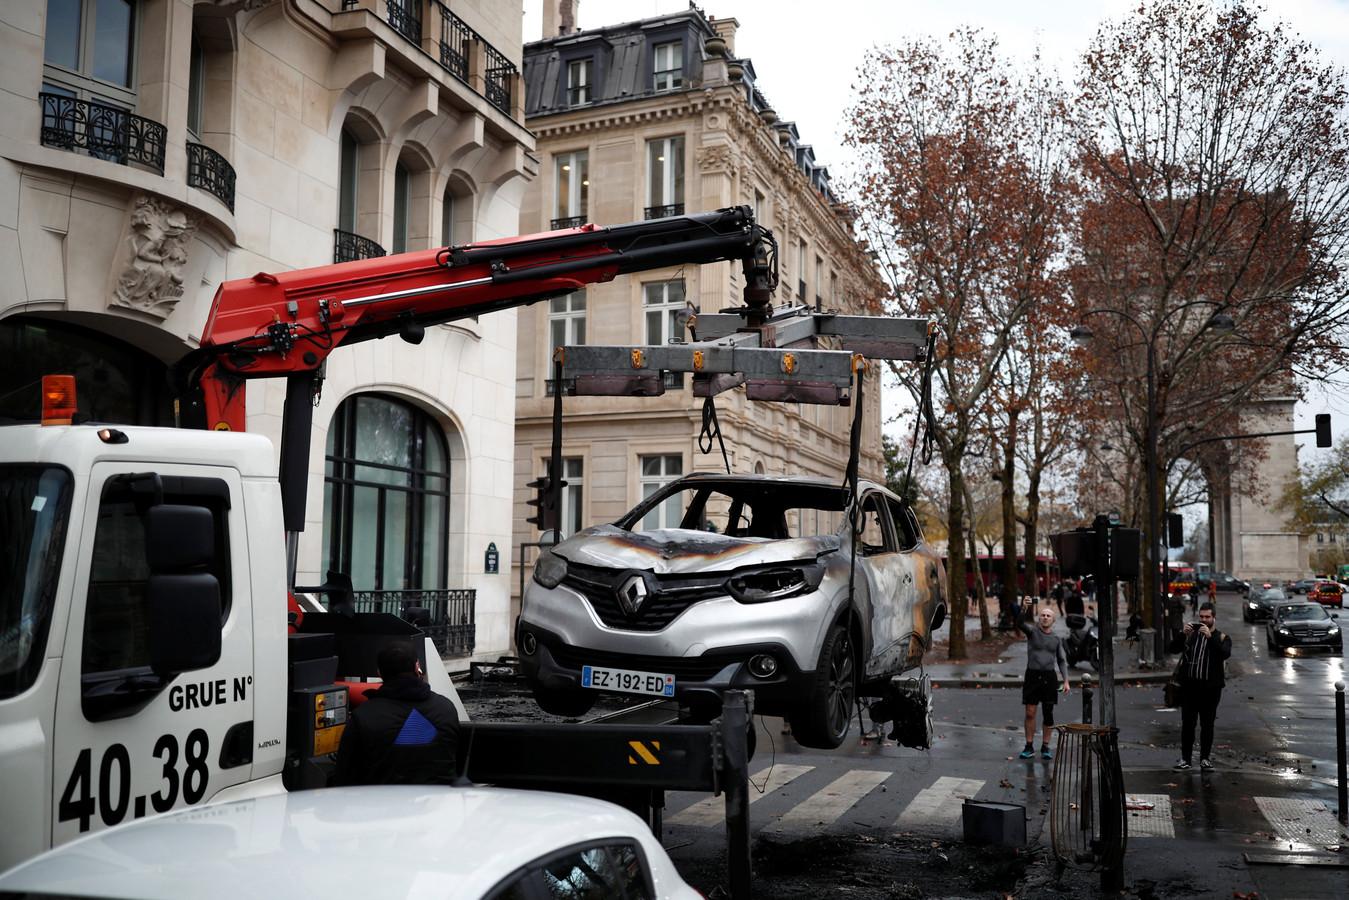 honderden arrestaties bij protest parijs arc de triomphe beschadigd foto. Black Bedroom Furniture Sets. Home Design Ideas